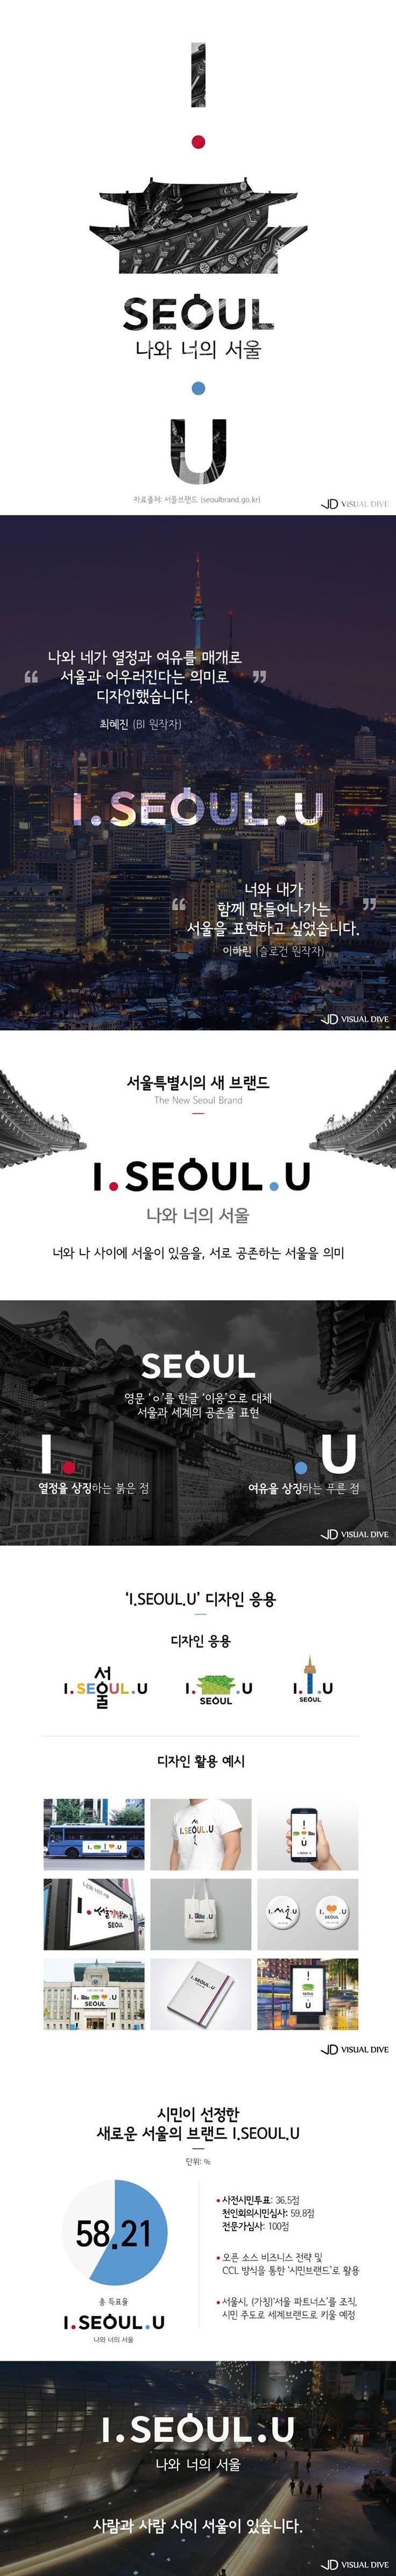 서울특별시의 새 브랜드, 'I ‧ SEOUL ‧ U' [카드뉴스] #Seoul / #Infographic ⓒ 비주얼다이브 무단 복사·전재·재배포 금지